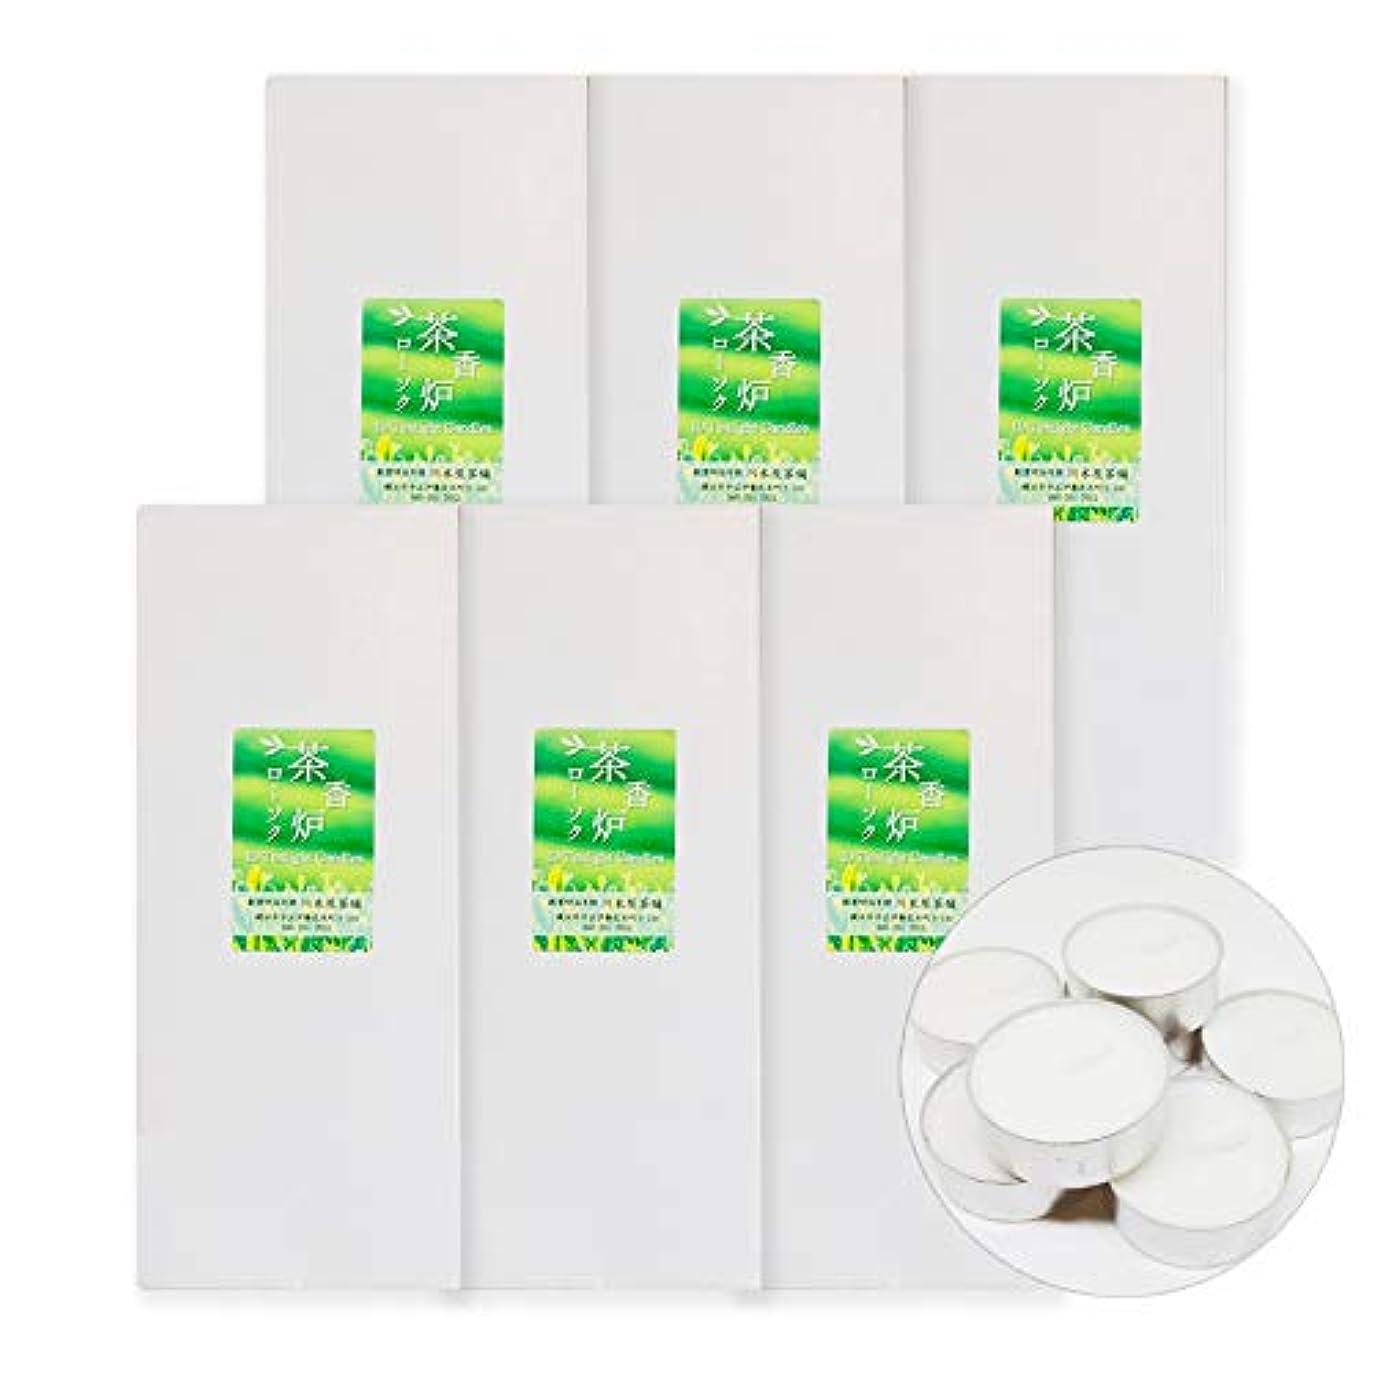 襲撃キャンベラ本を読む茶香炉専用 ろうそく キャンドル 10個入り 川本屋茶舗 (6箱)